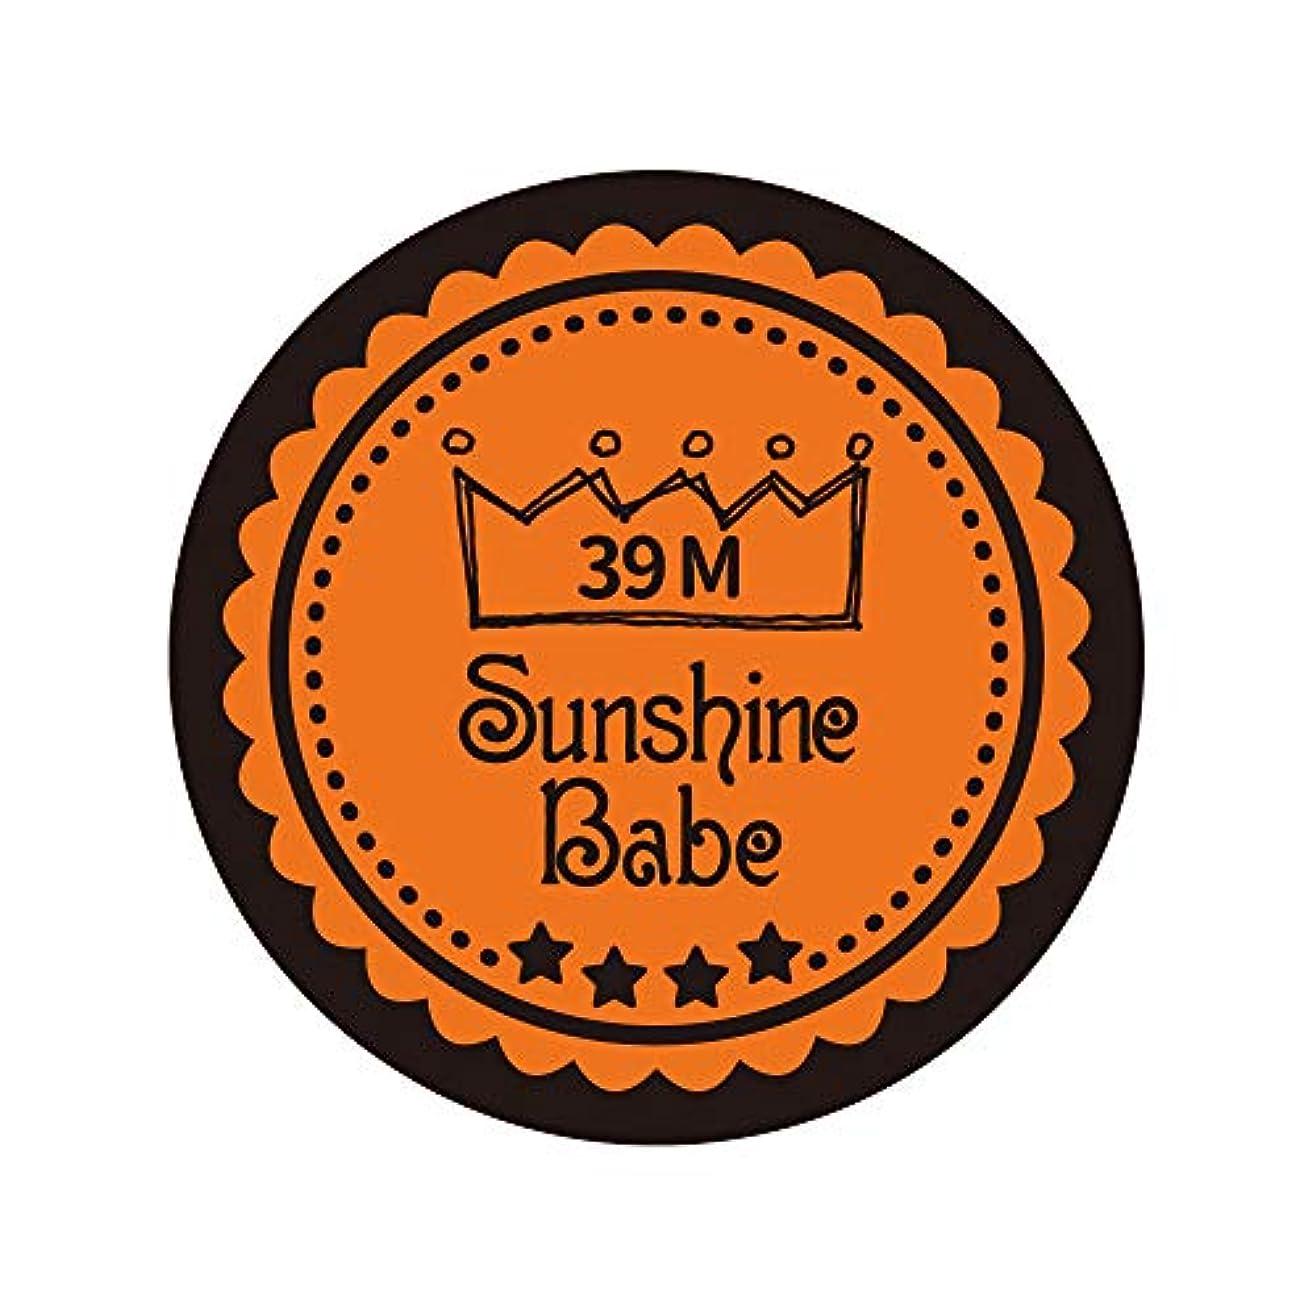 交じる倒産パリティSunshine Babe カラージェル 39M ラセットオレンジ 4g UV/LED対応